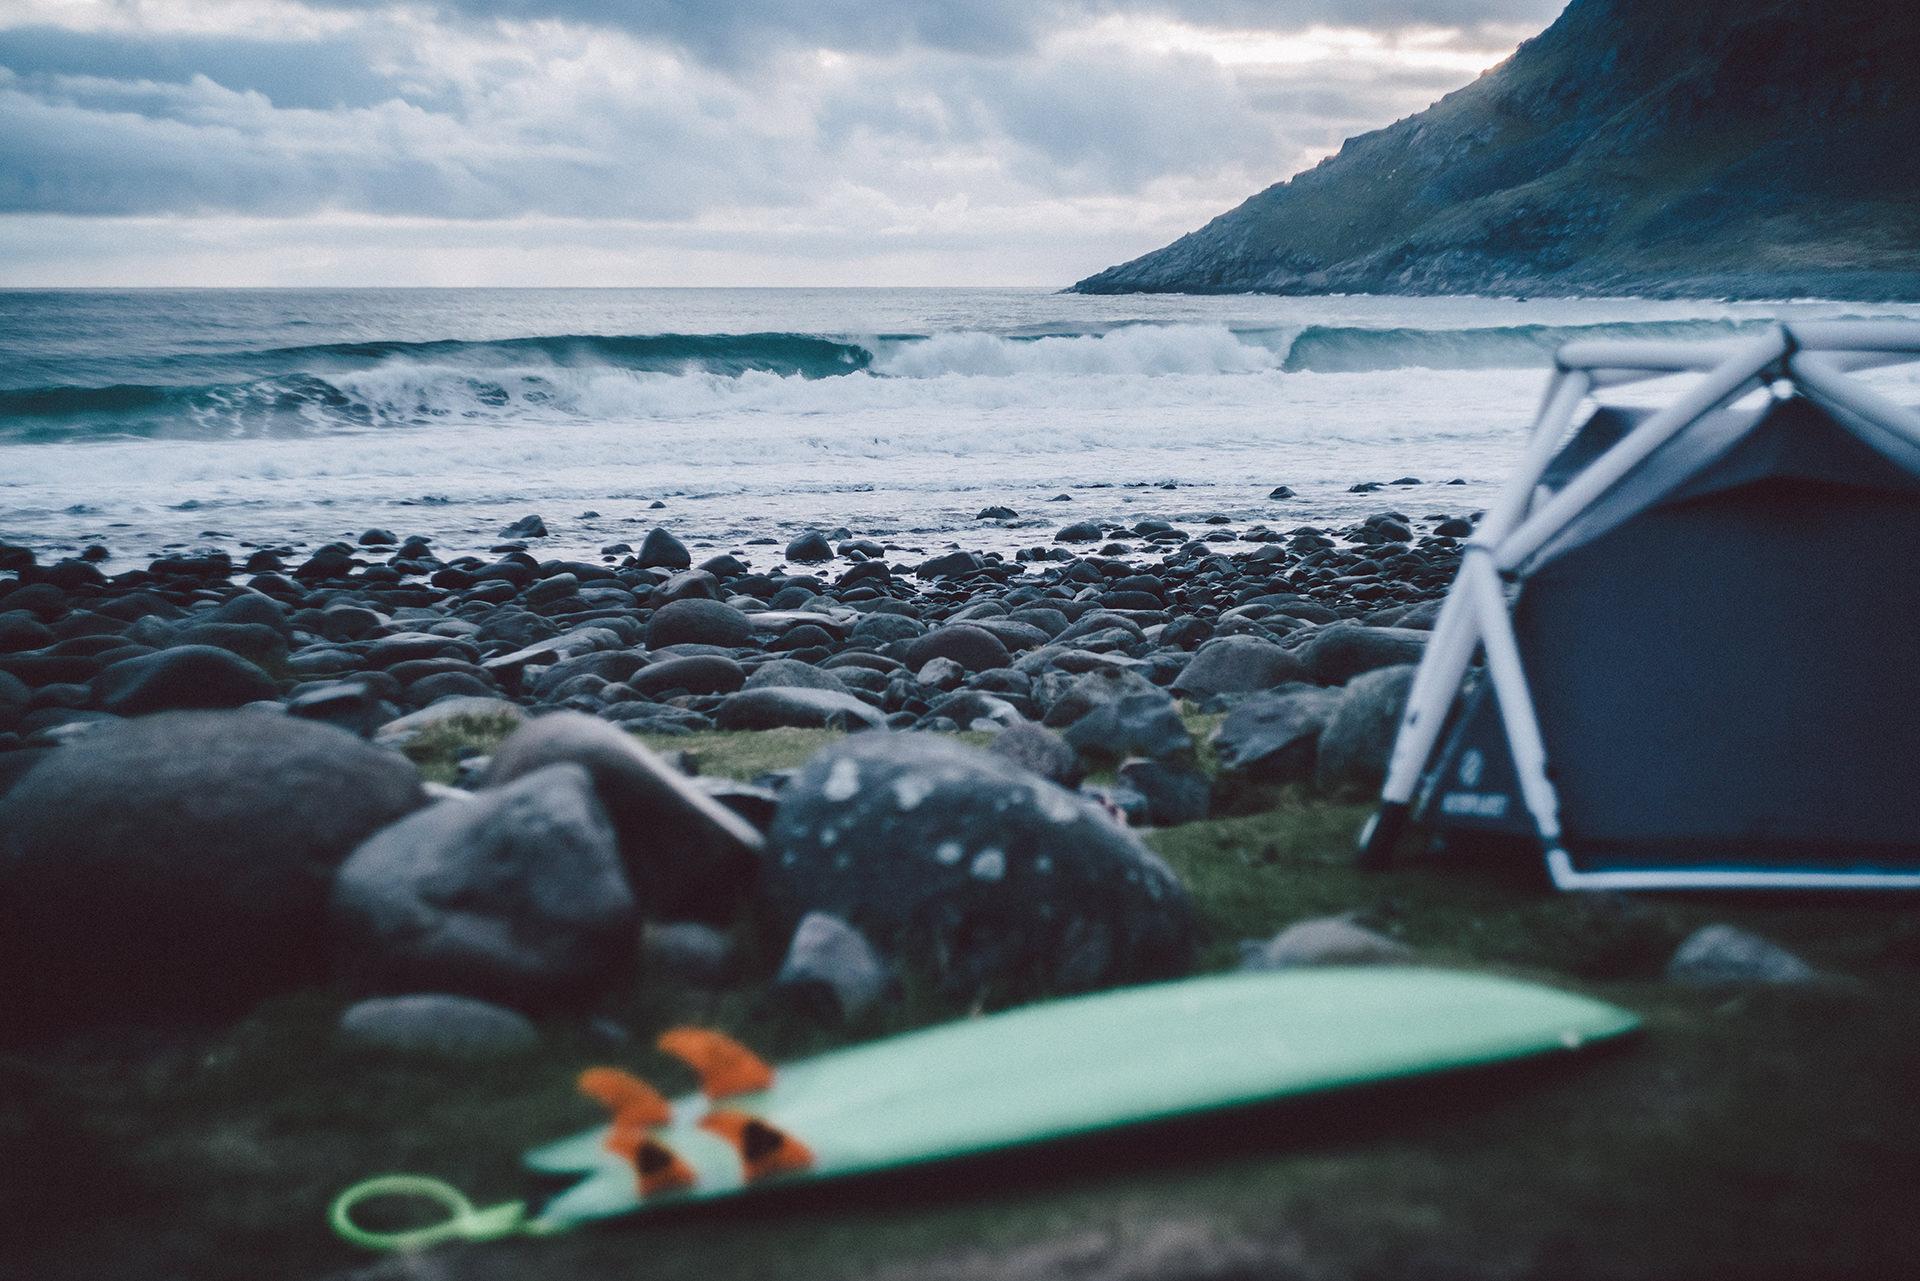 surfboard-strand-wellen-kalt